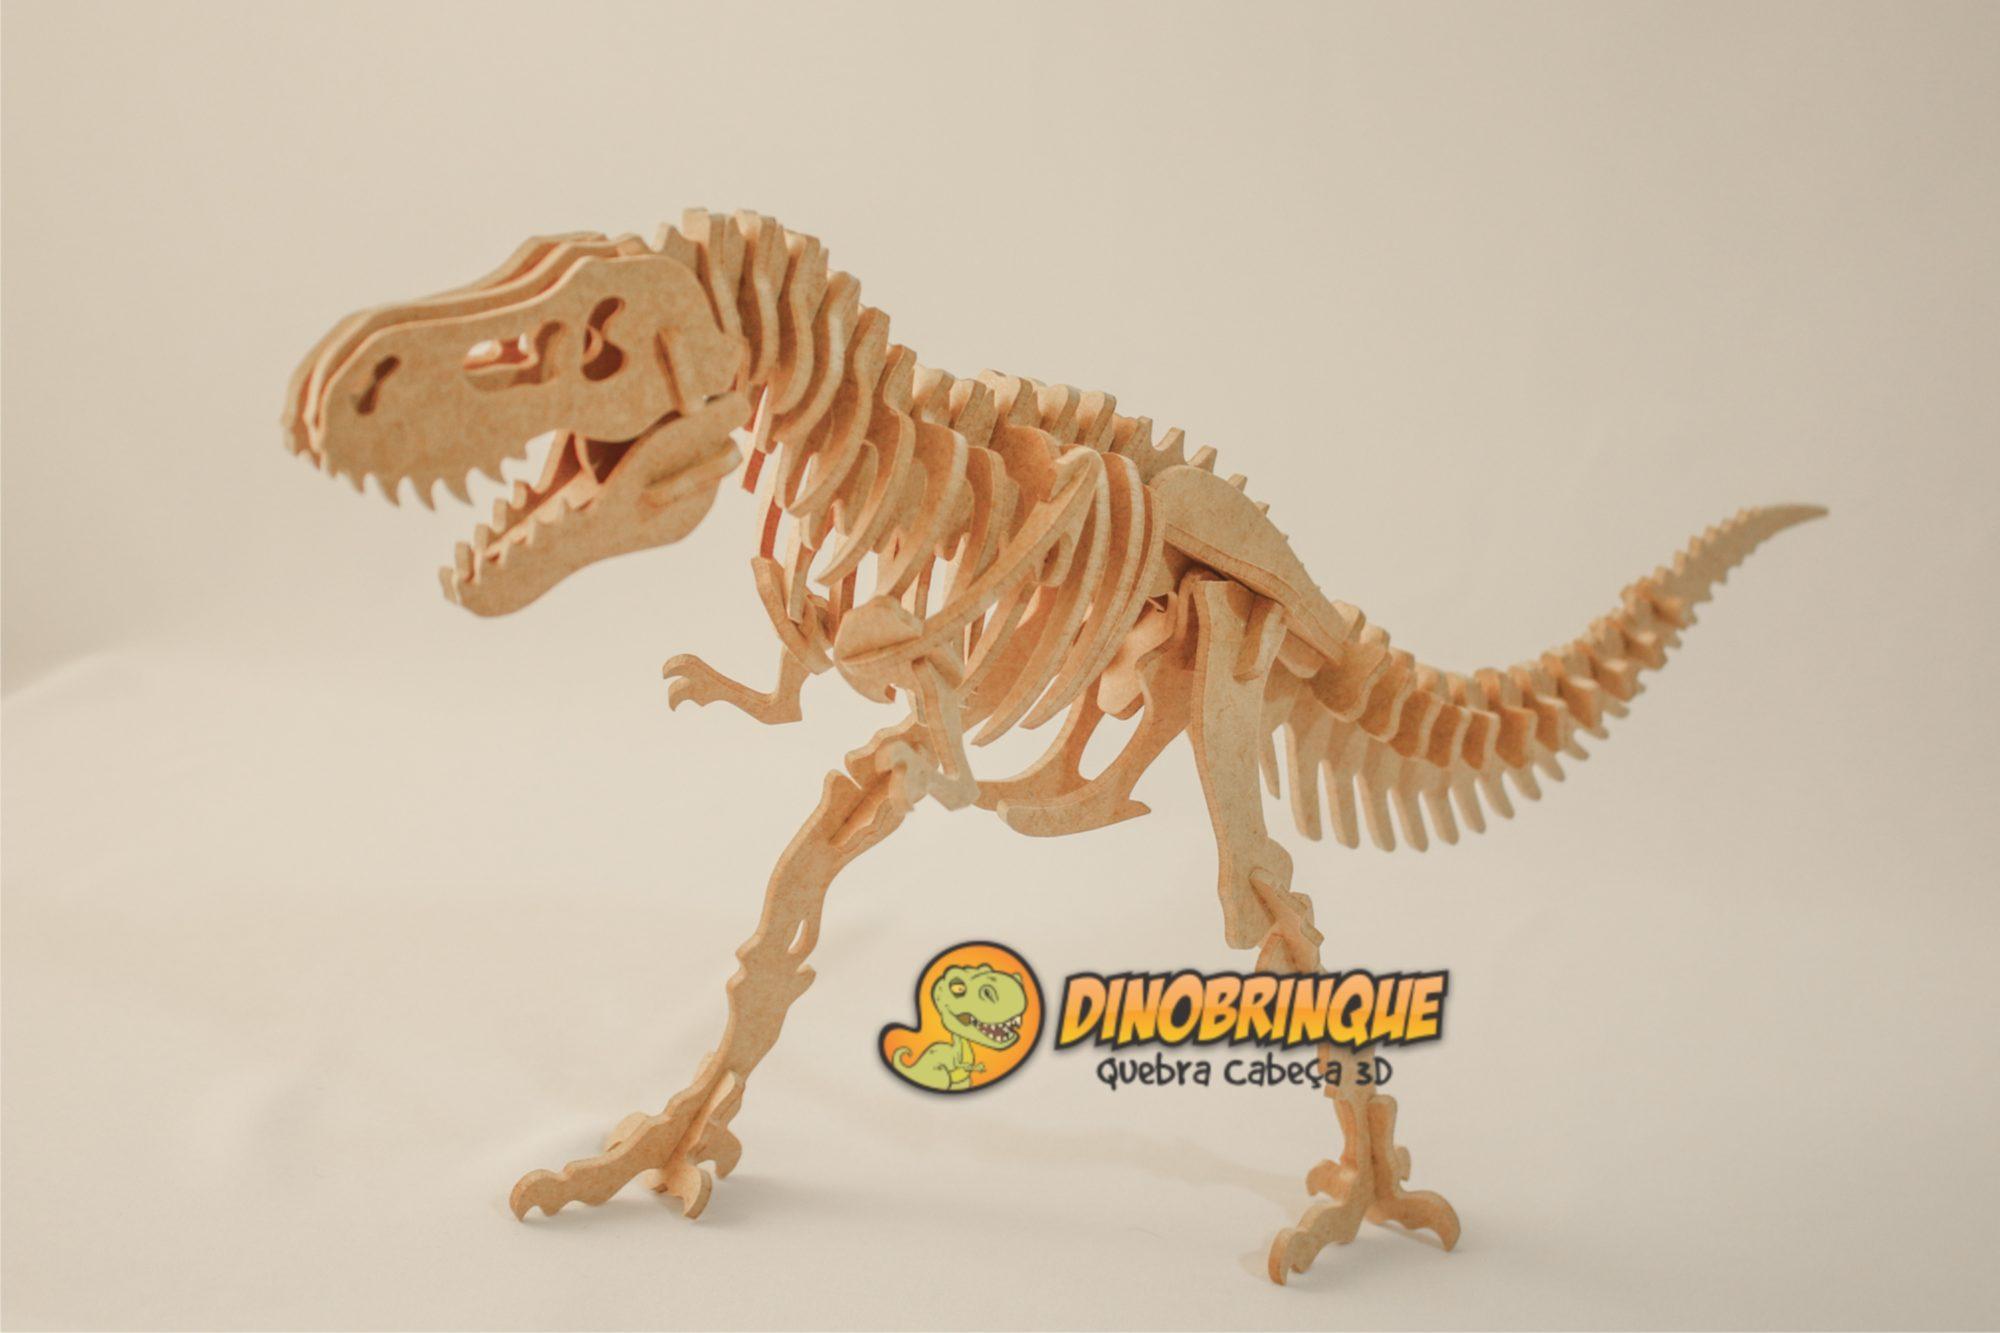 Quebra Cabeça 3D Dinossauro Braquiossauro Gigantesco 51 Peças em MDF